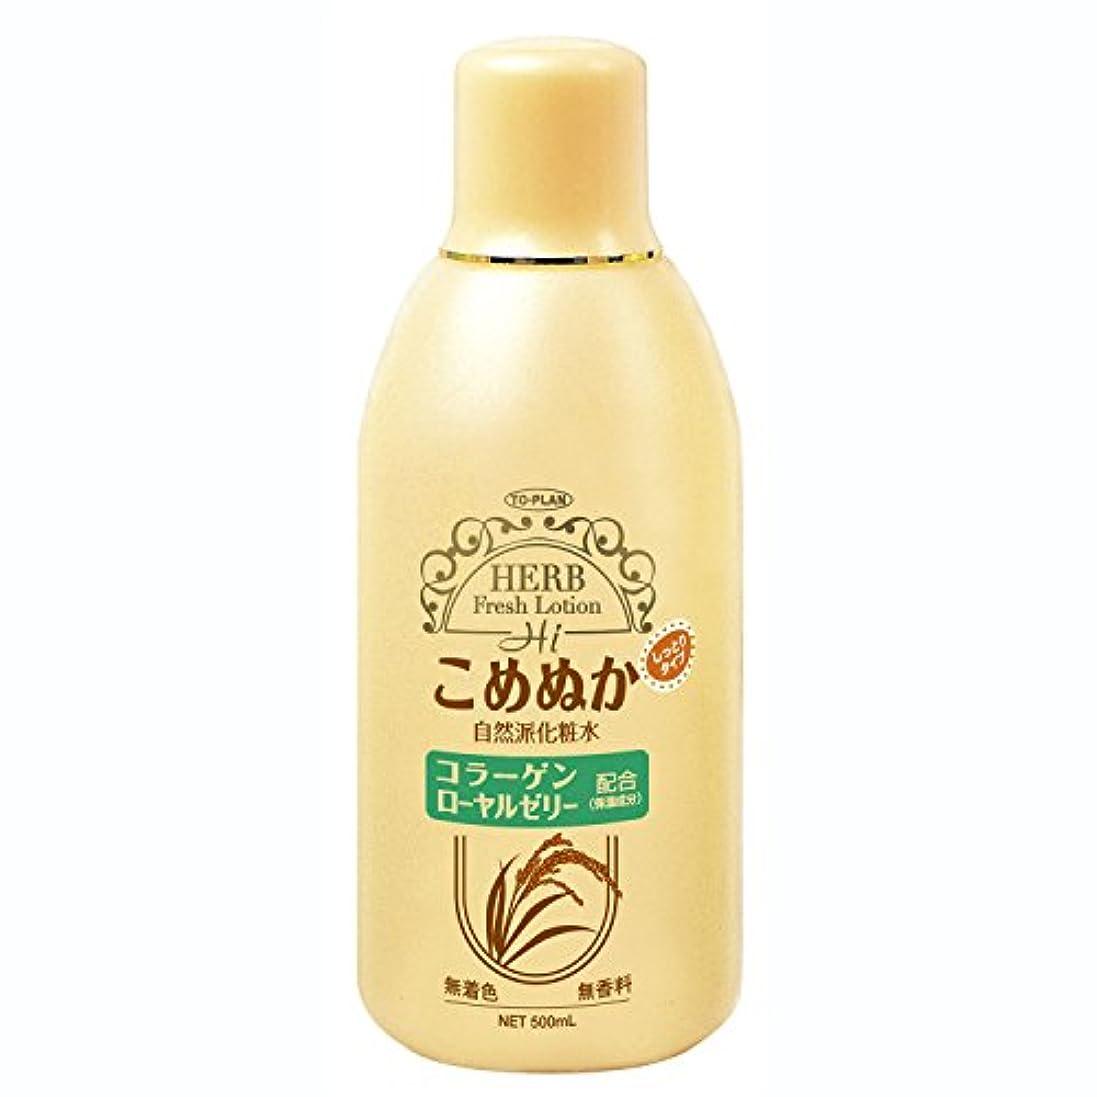 ピュービジョン病気トプラン 米ぬか化粧水 500ml